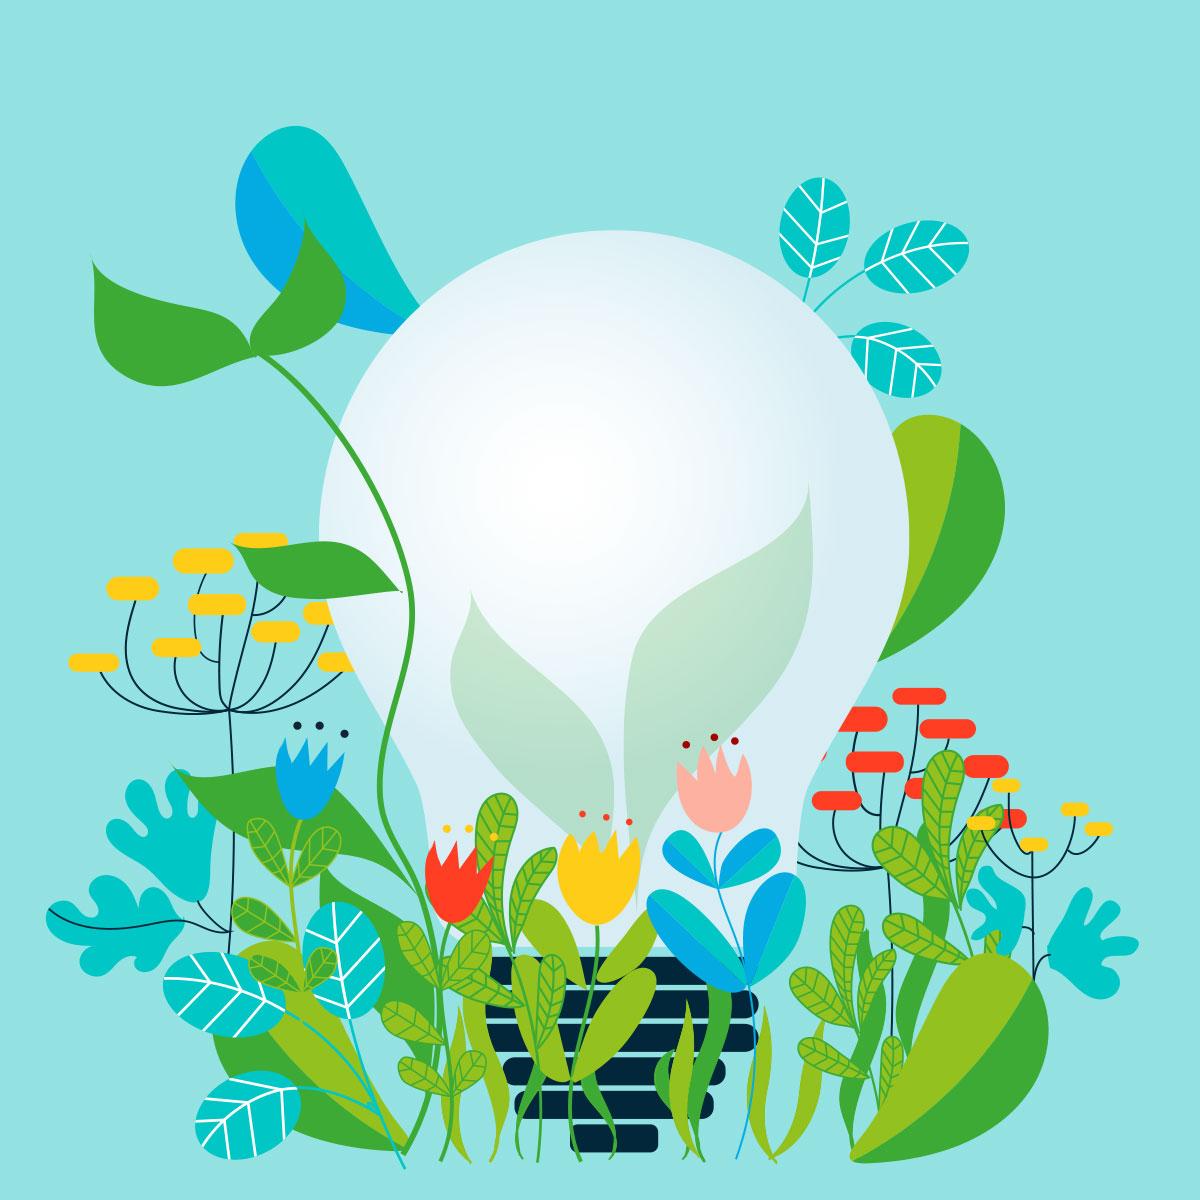 Barbara Marini - Illustrazioni idea ecologica e cura per l'ambiente